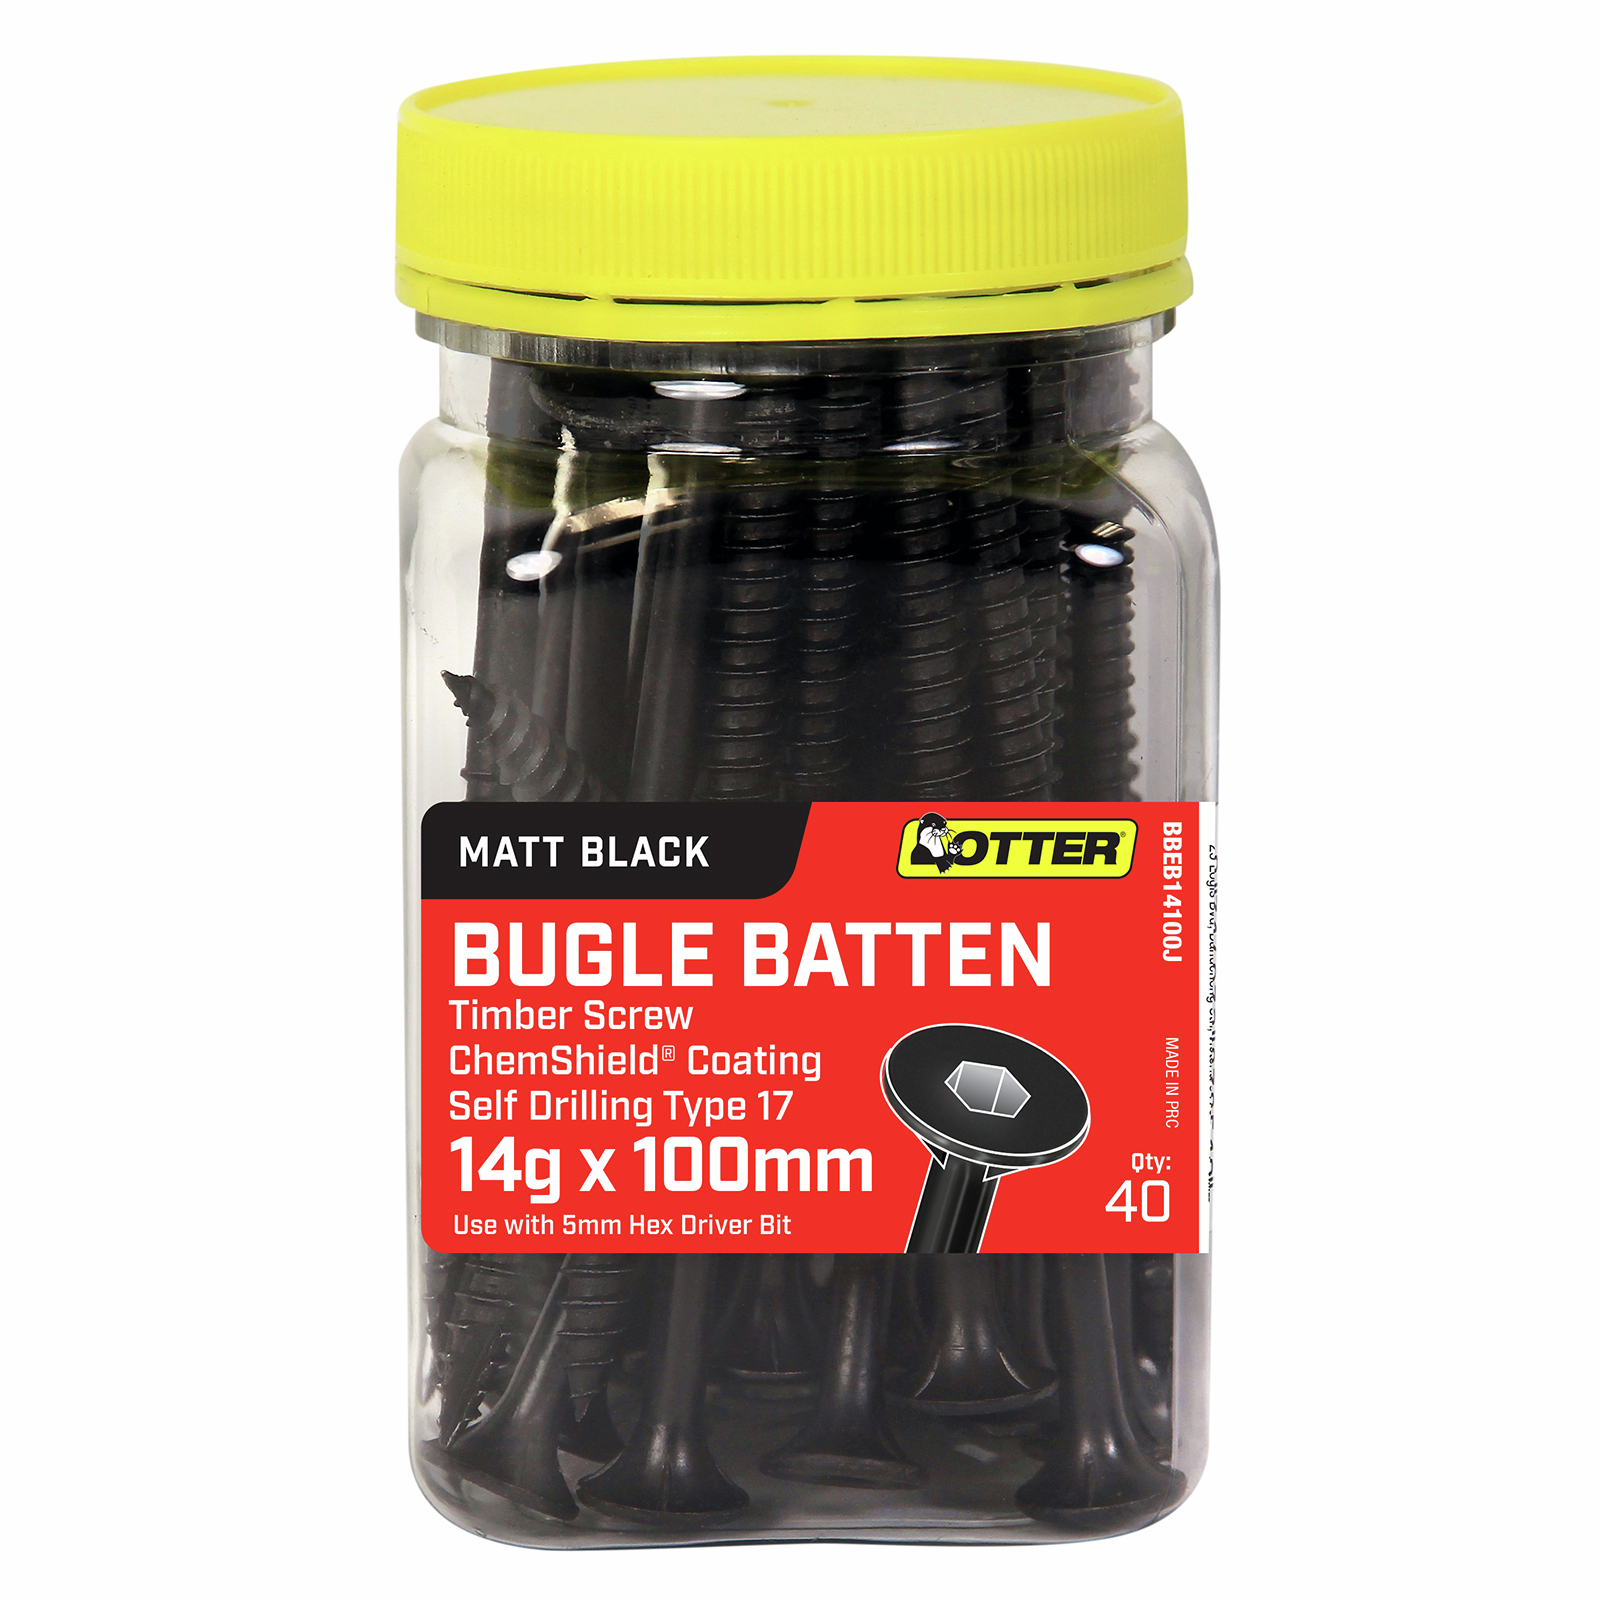 Otter 14g x 100mm Matt Black Bugle Batten Screws - 40 Pack